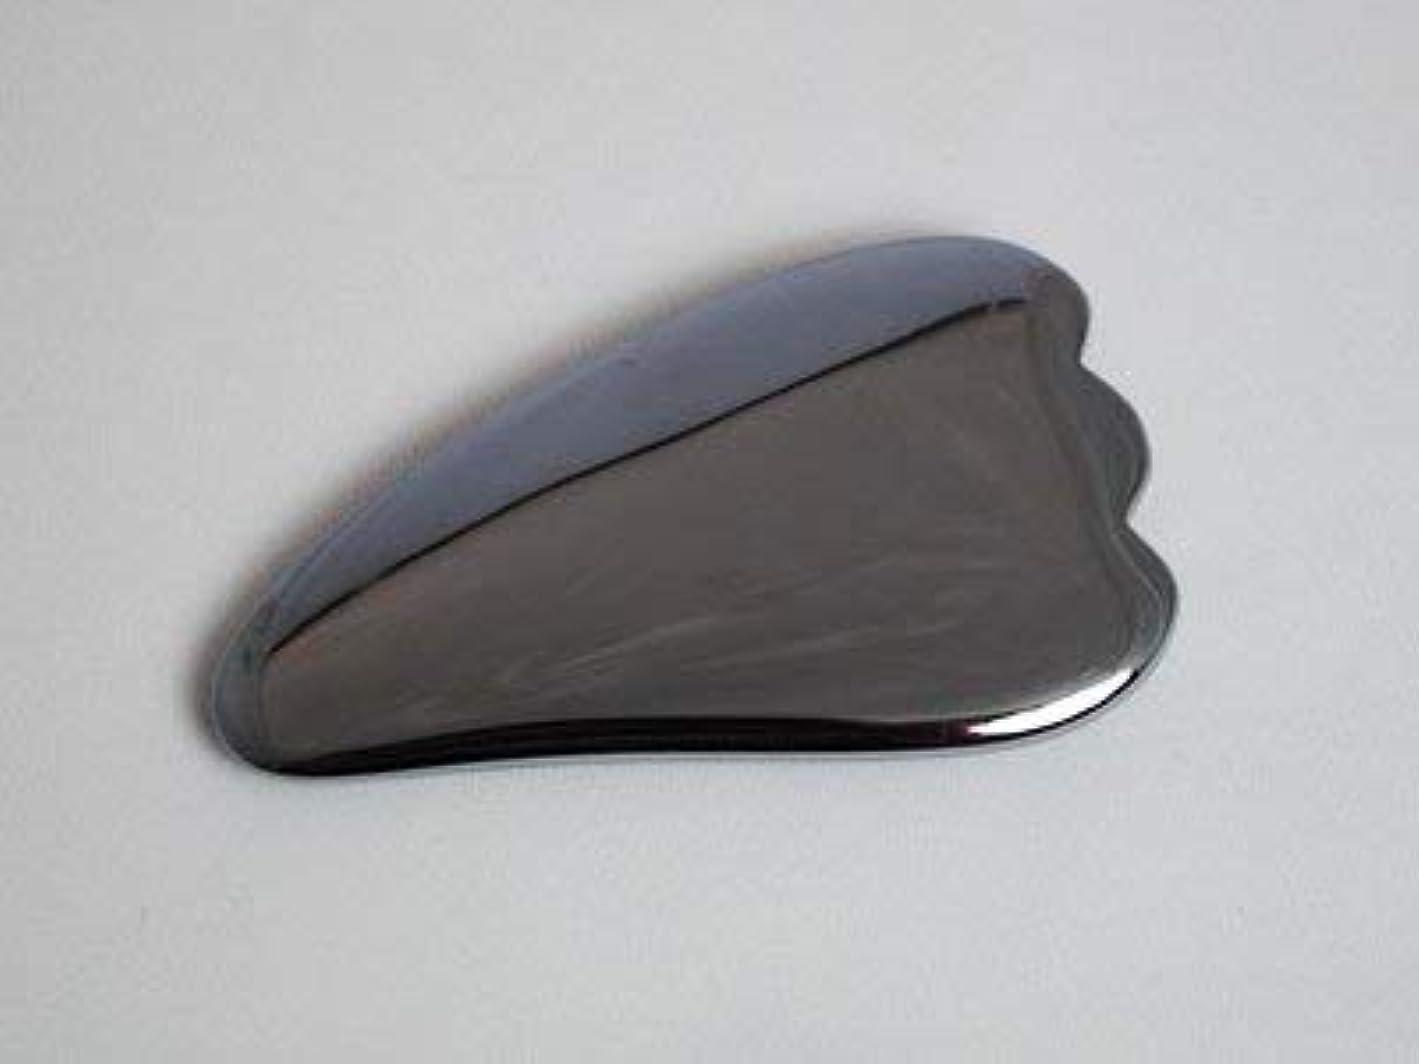 バイオリン対応ファウルかっさ テラヘルツ 鉱石 天然石 マッサージ 健康グッズ